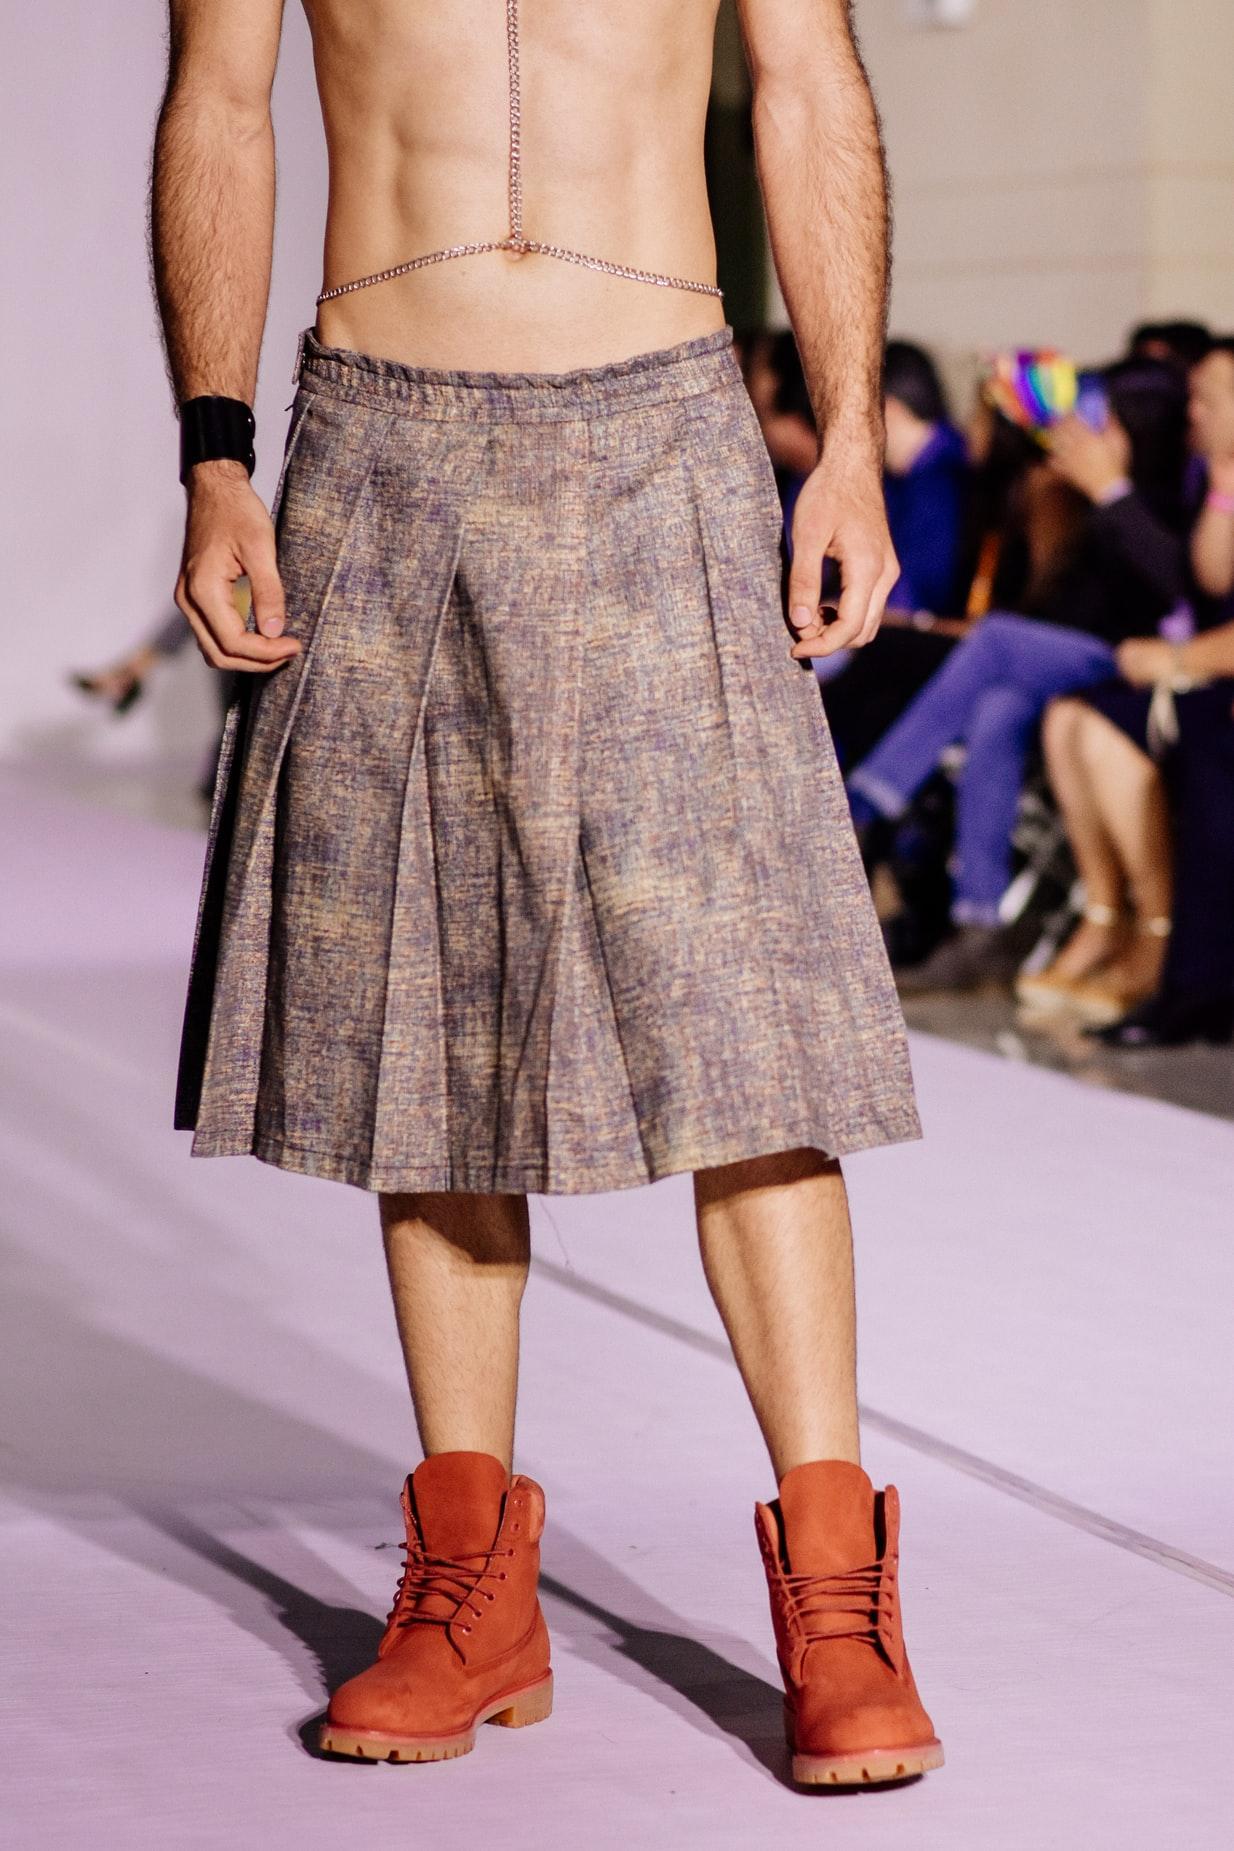 Werden Röcke für Männer irgendwann akzeptiert? (Leben